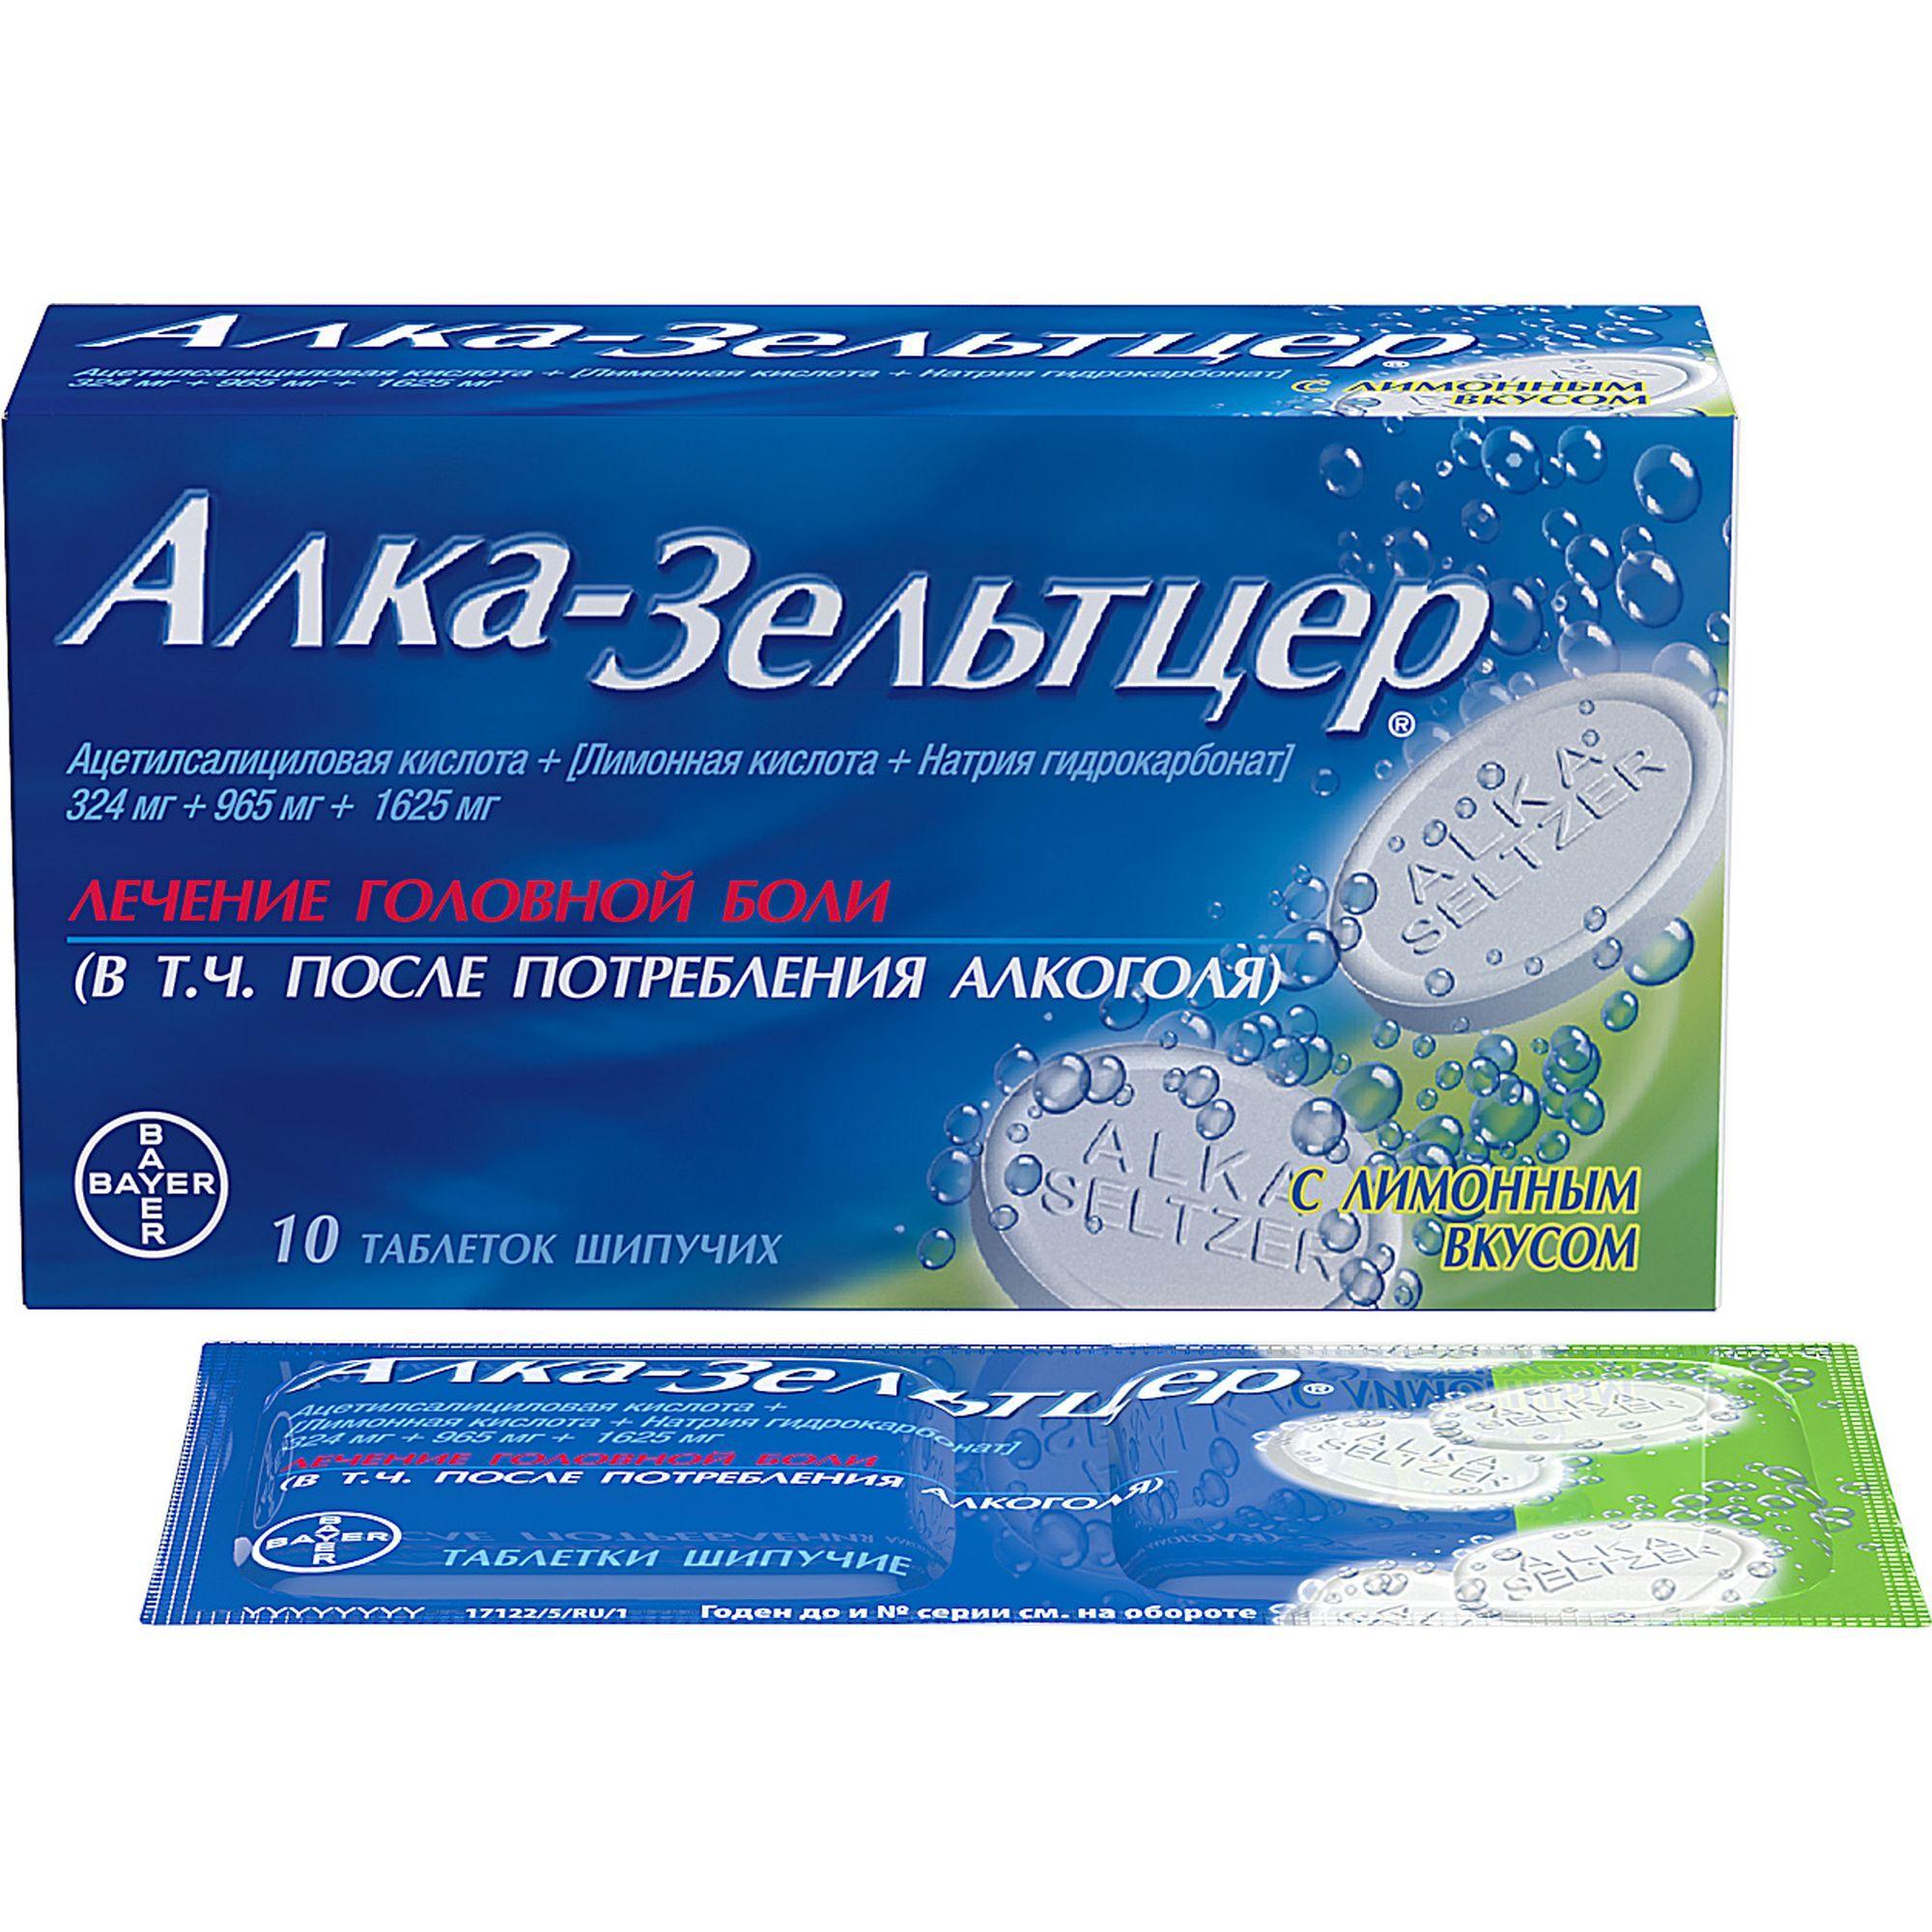 фото упаковки Алка-Зельтцер